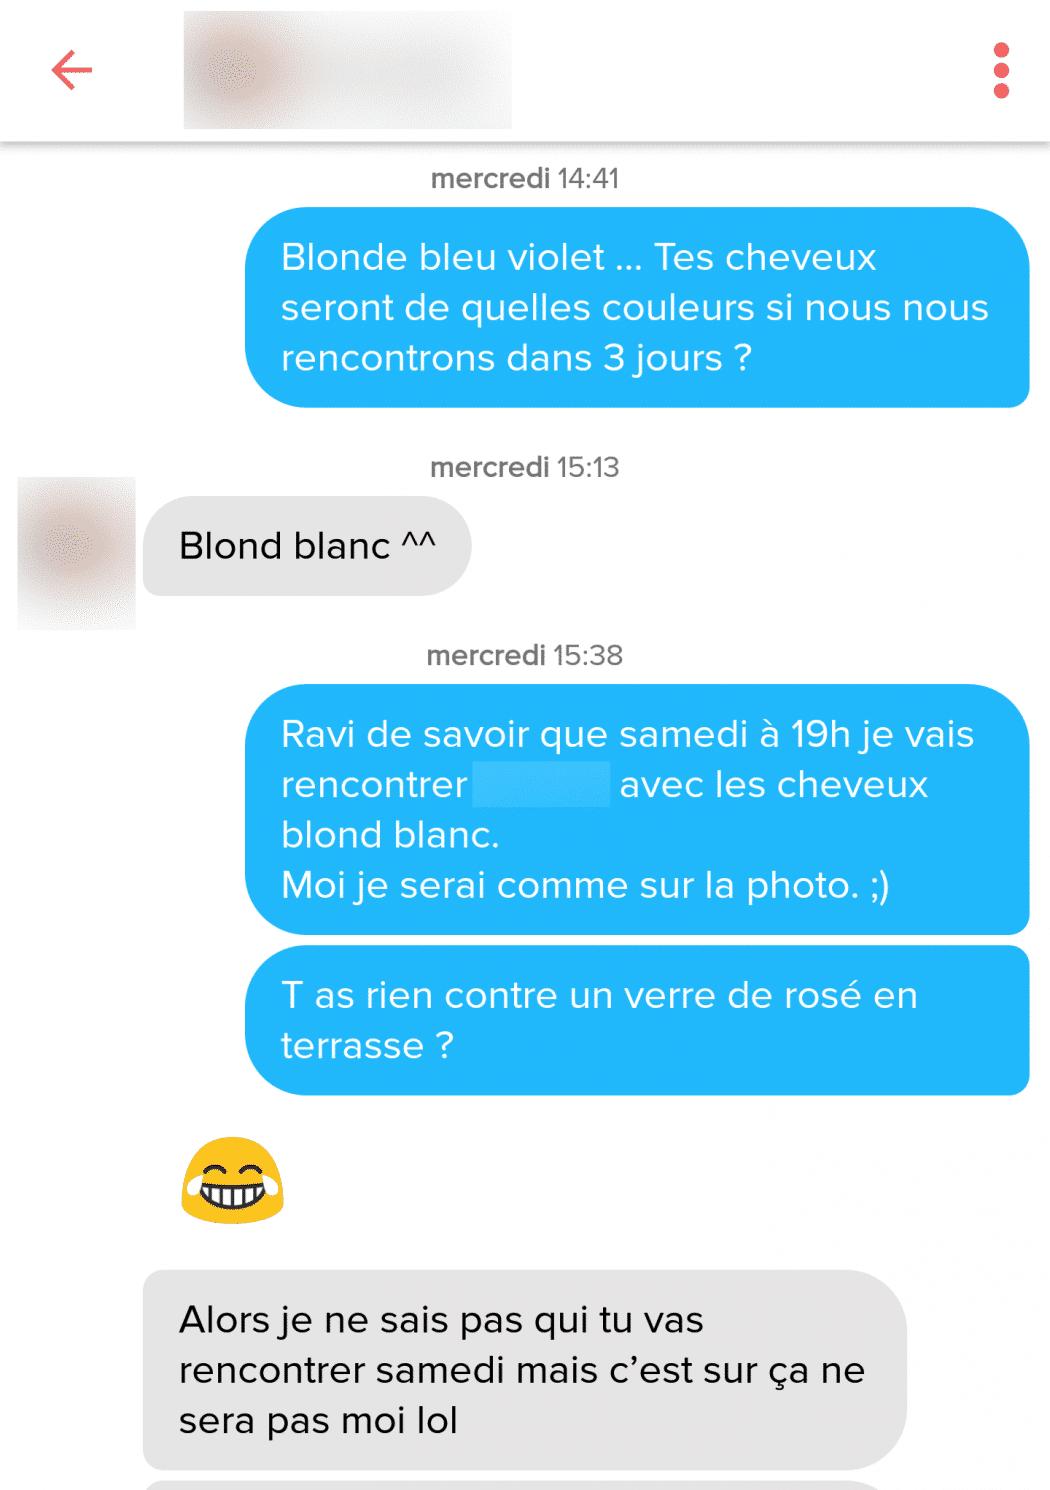 Rencontre célibataires Lyon - Site de rencontre Gratuit à Lyon